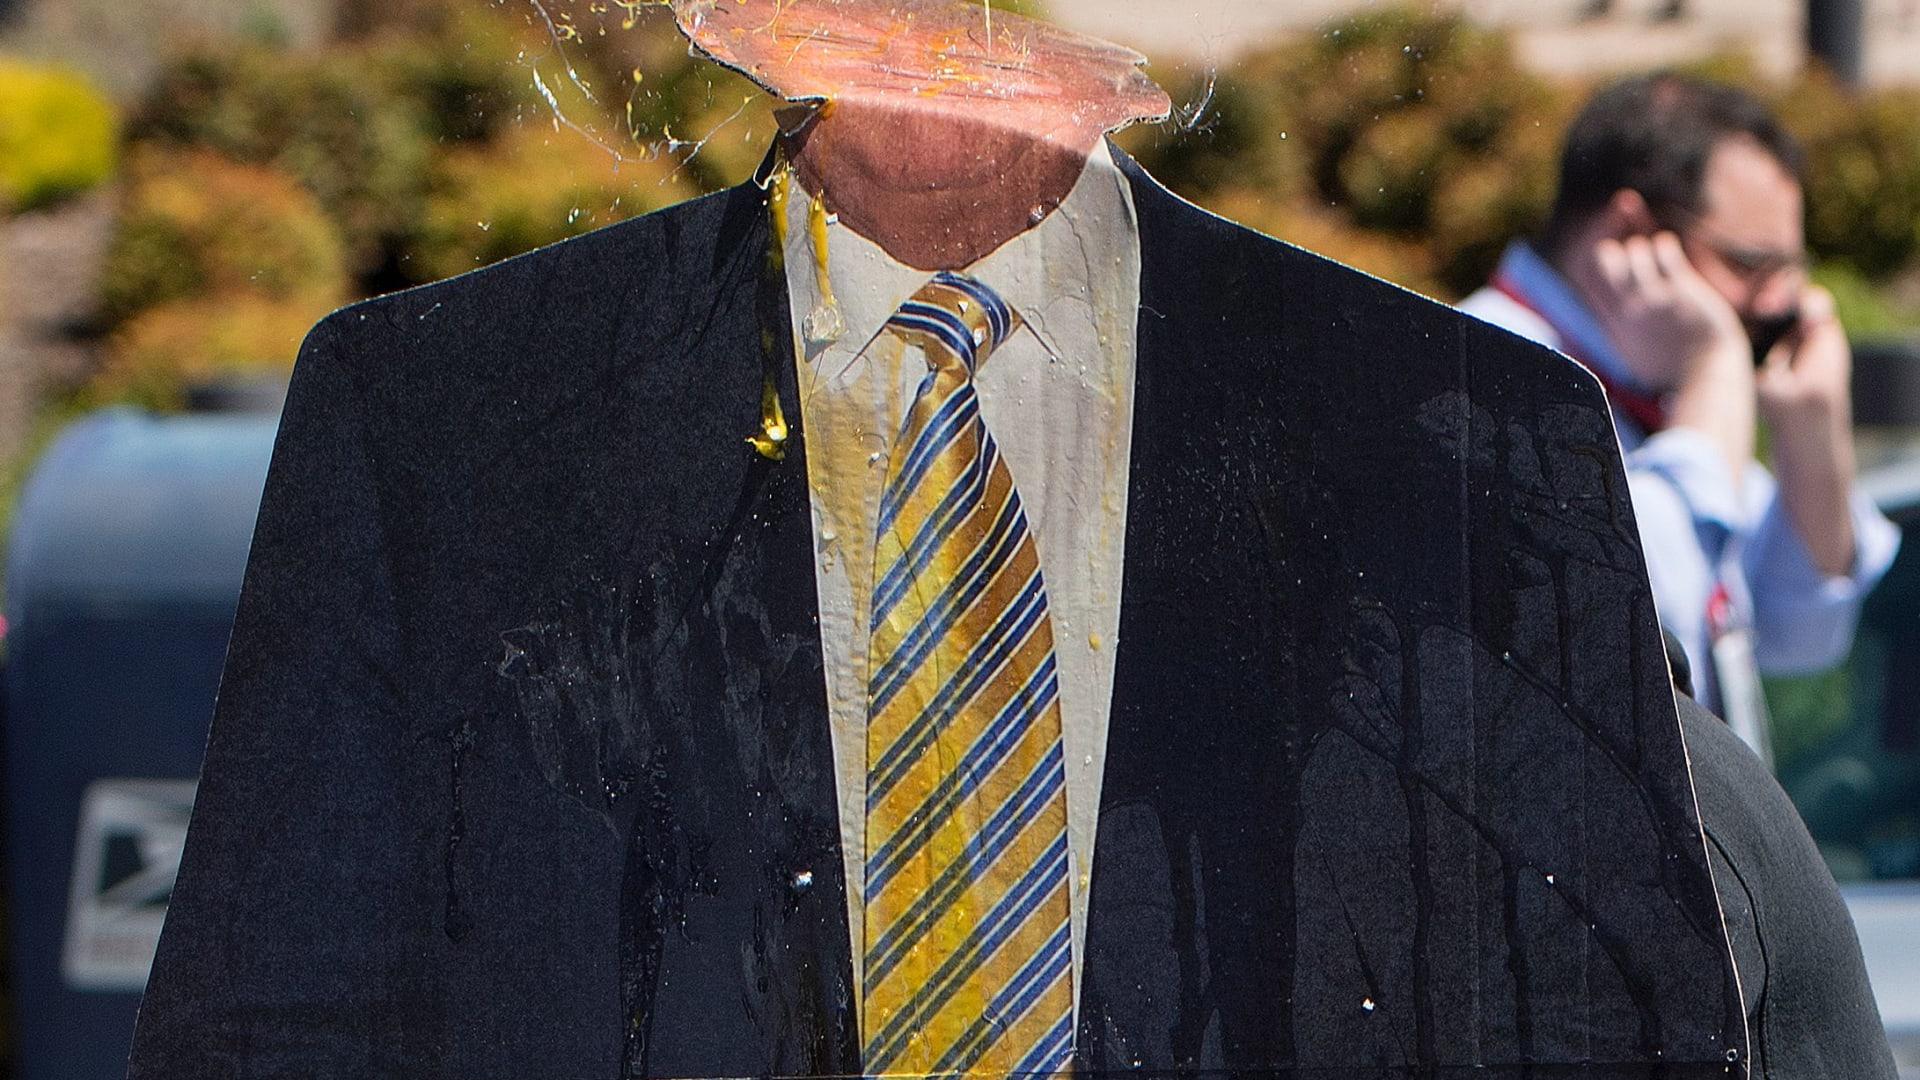 """بالصور: كيف استُقبل ترامب في المؤتمر الجمهوري بكاليفورنيا؟ بالصدور العارية والبيض و""""البينياتا"""""""